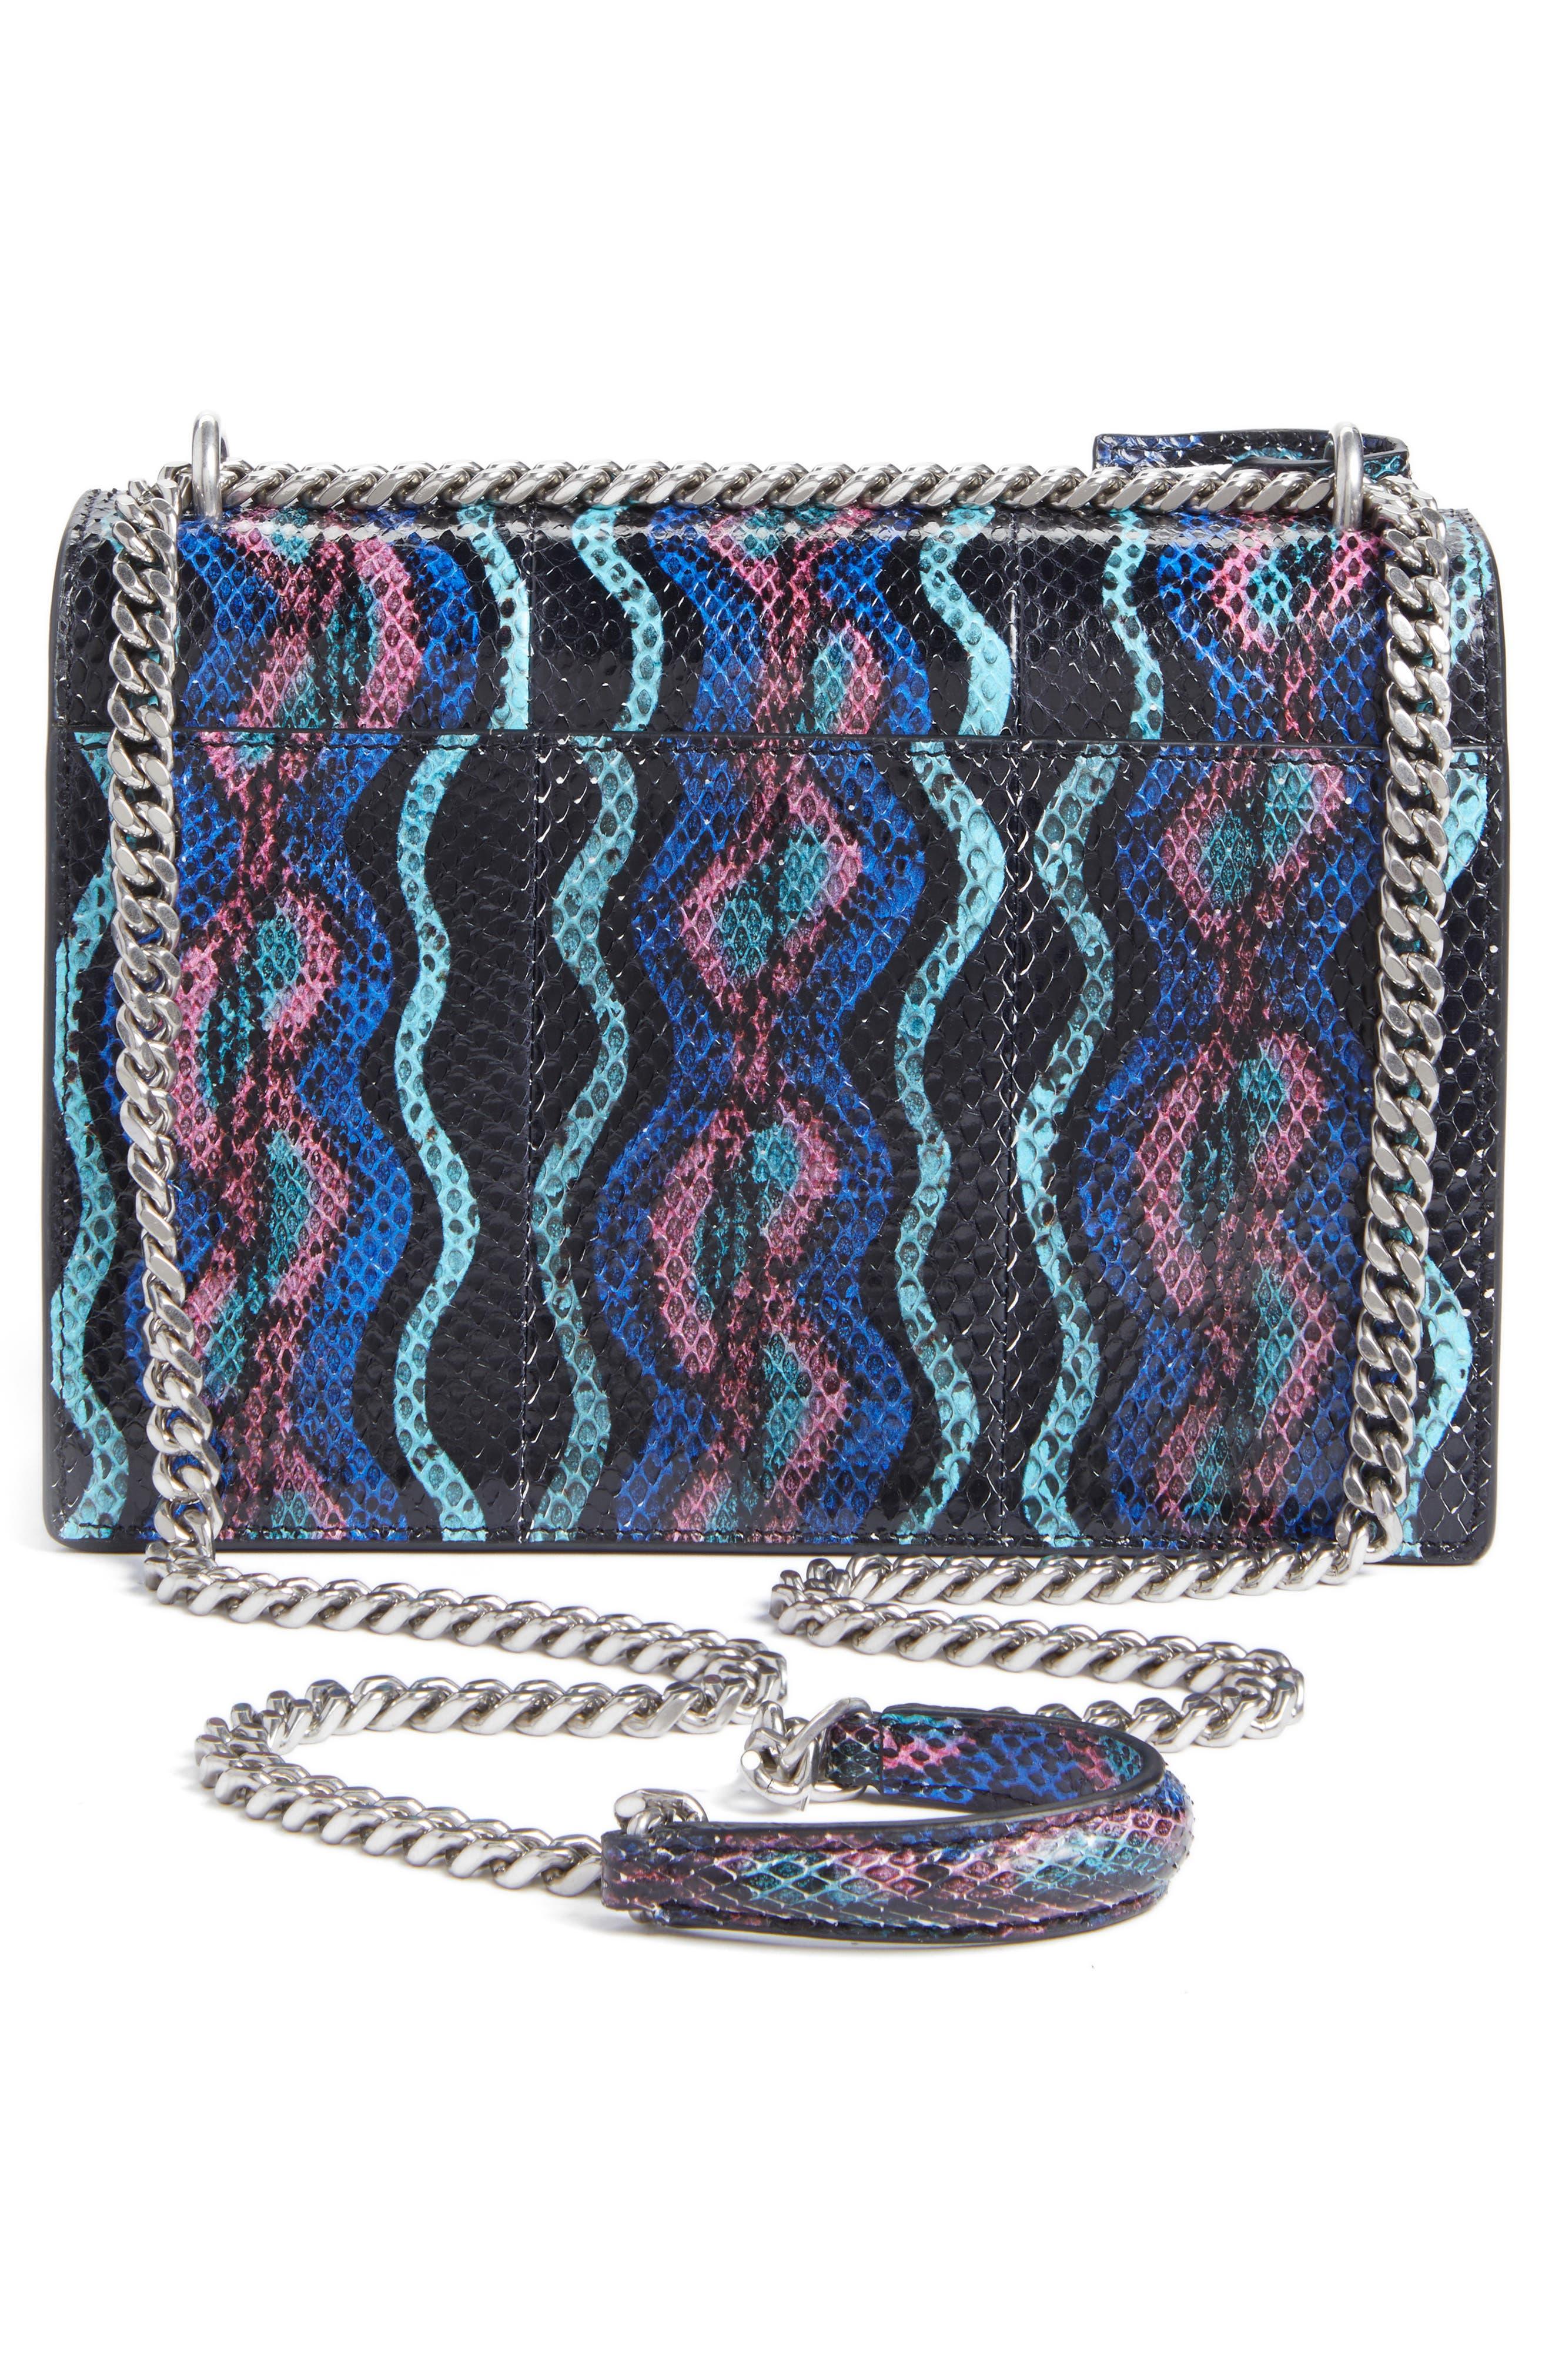 Medium Monogram Sunset Genuine Snakeskin Crossbody Bag,                             Alternate thumbnail 3, color,                             124